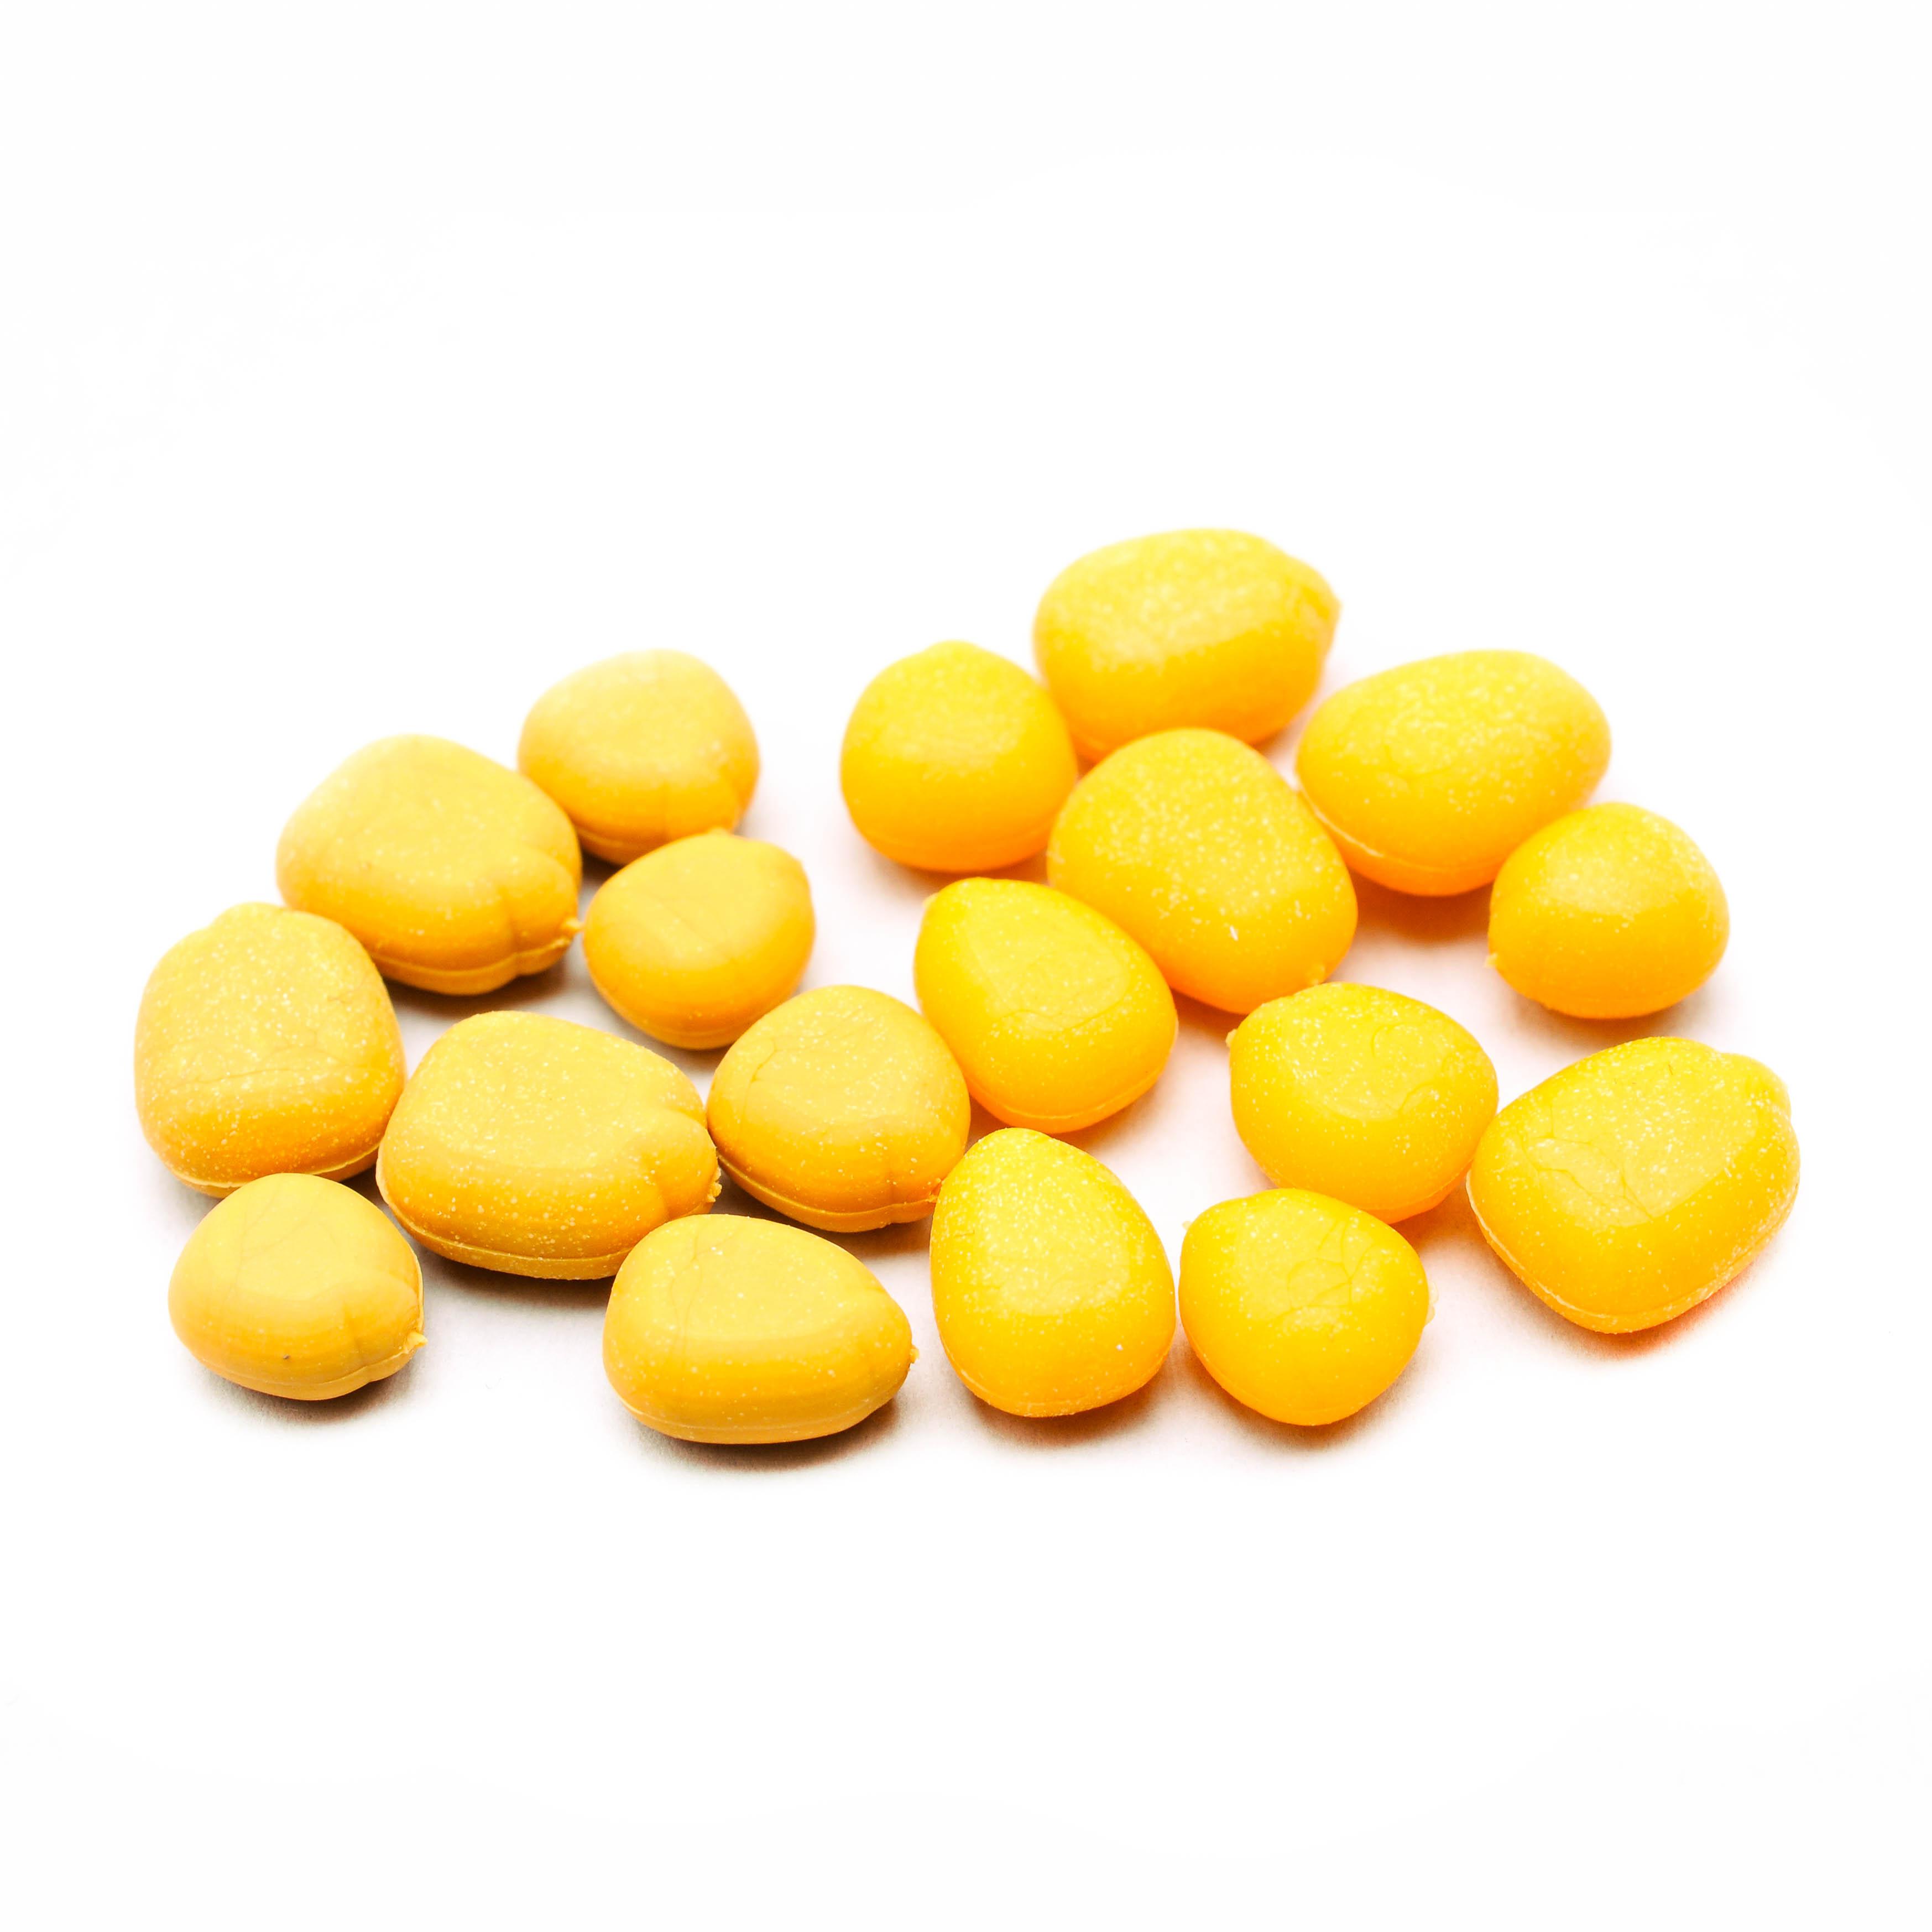 Enterprise kukuřice - Obří plovoucí žlutá